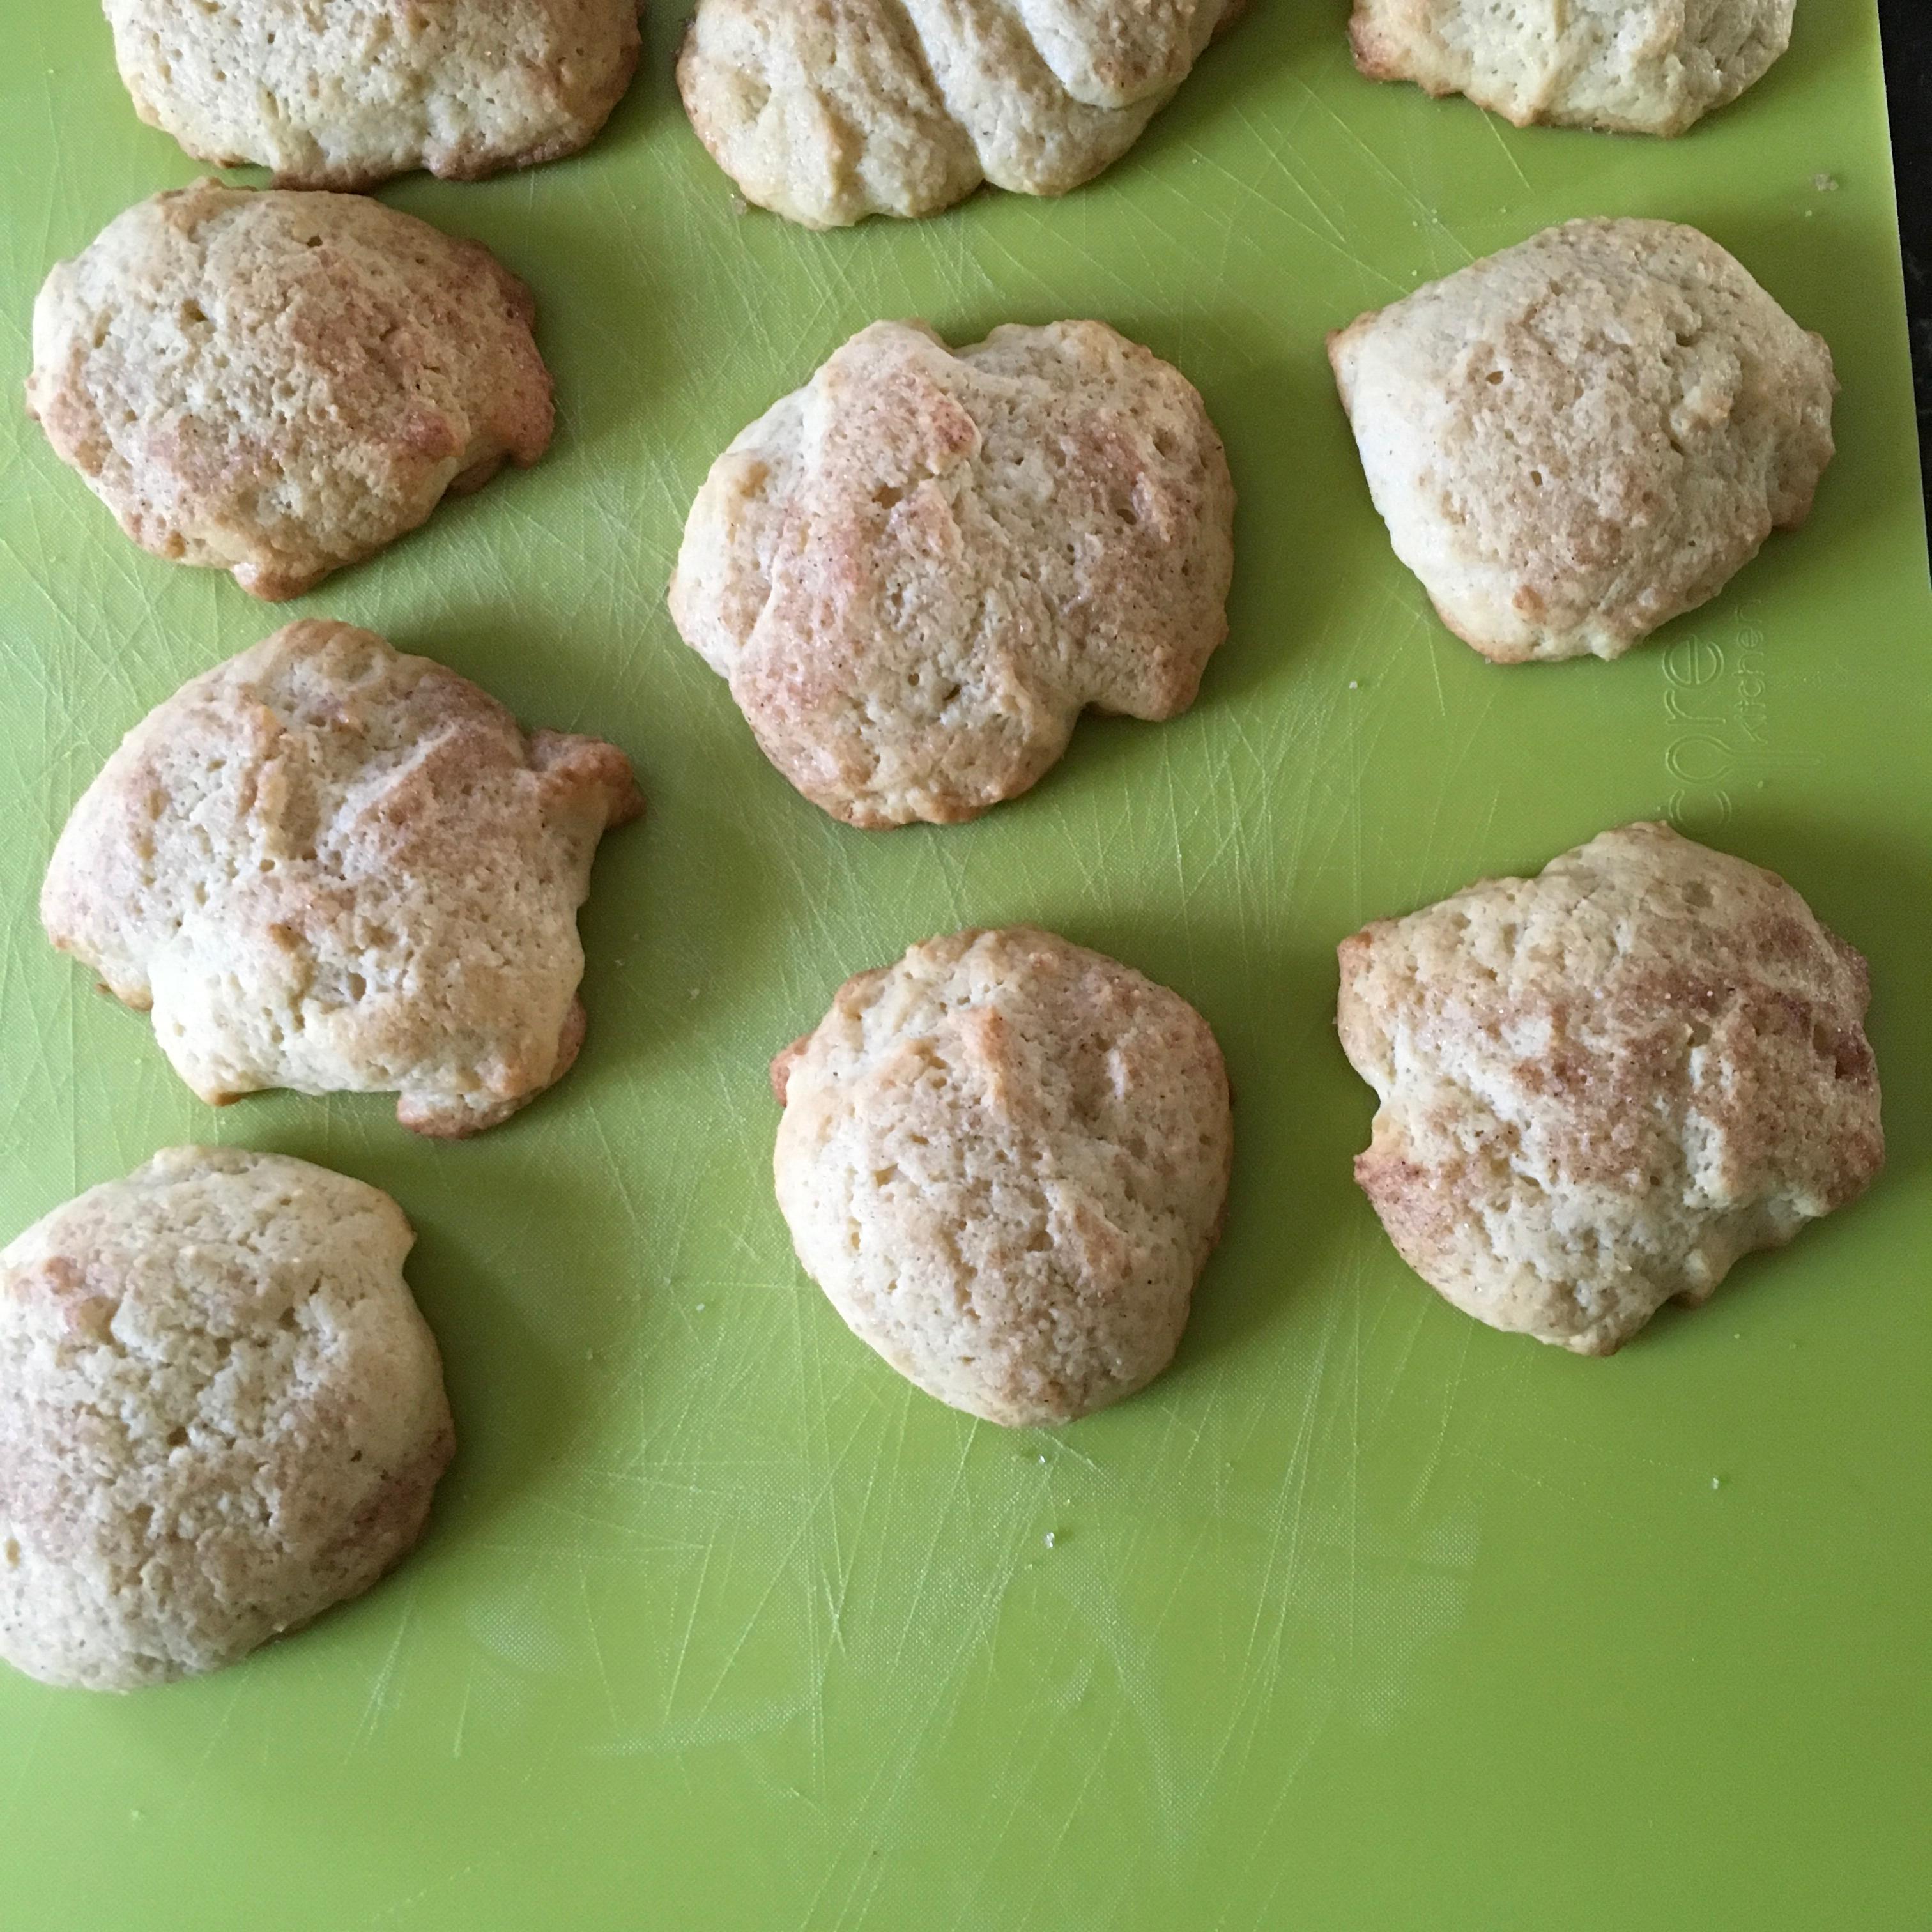 Sour Cream Raisin Cookies Fred James Matzie